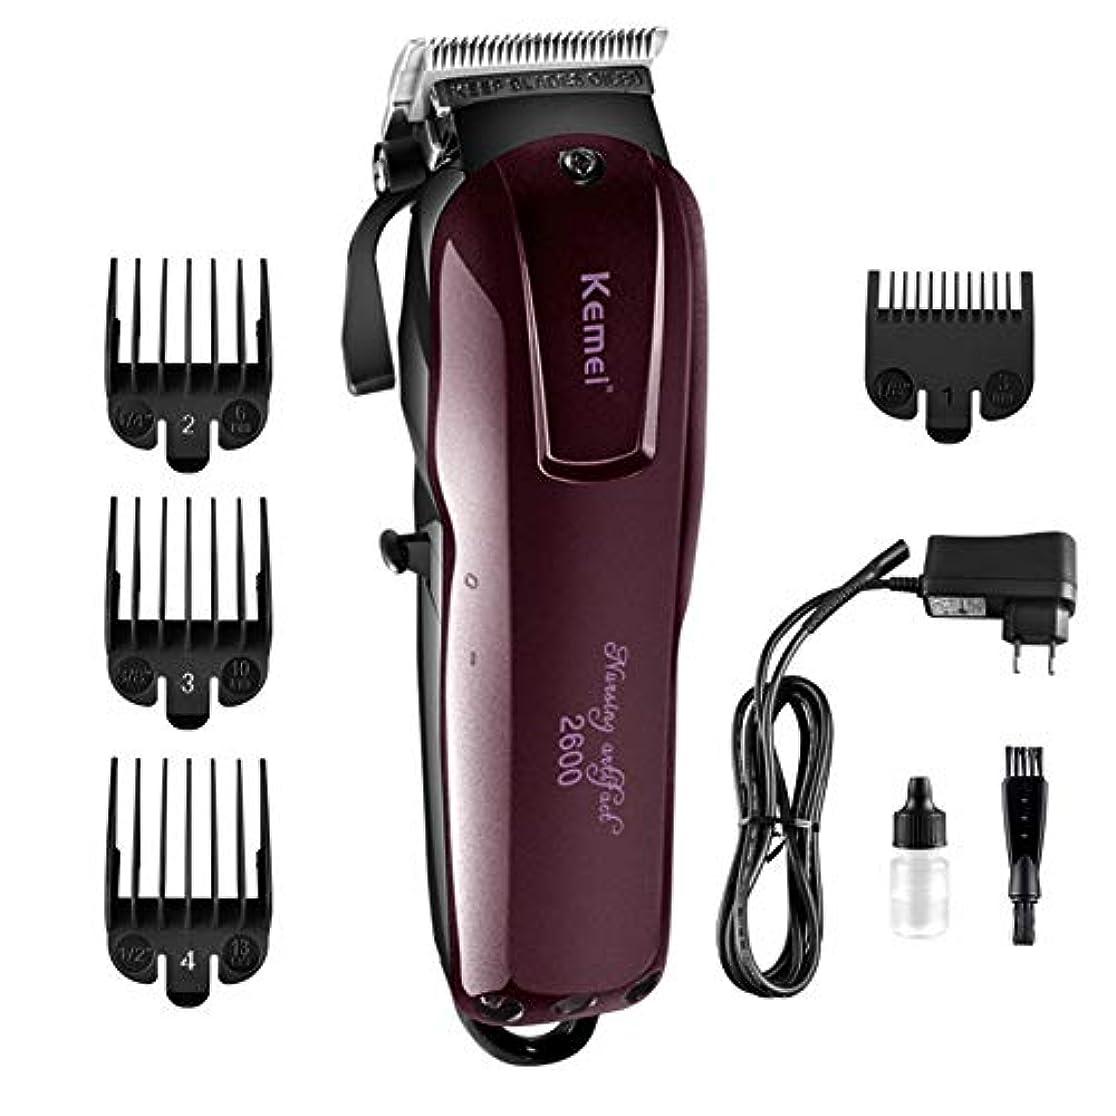 発表する理想的にはチェスをするバリカン、プロフェッショナル電動バリカン強力な毛剃り機ヘアカットひげ男性ヘアトリマー充電式